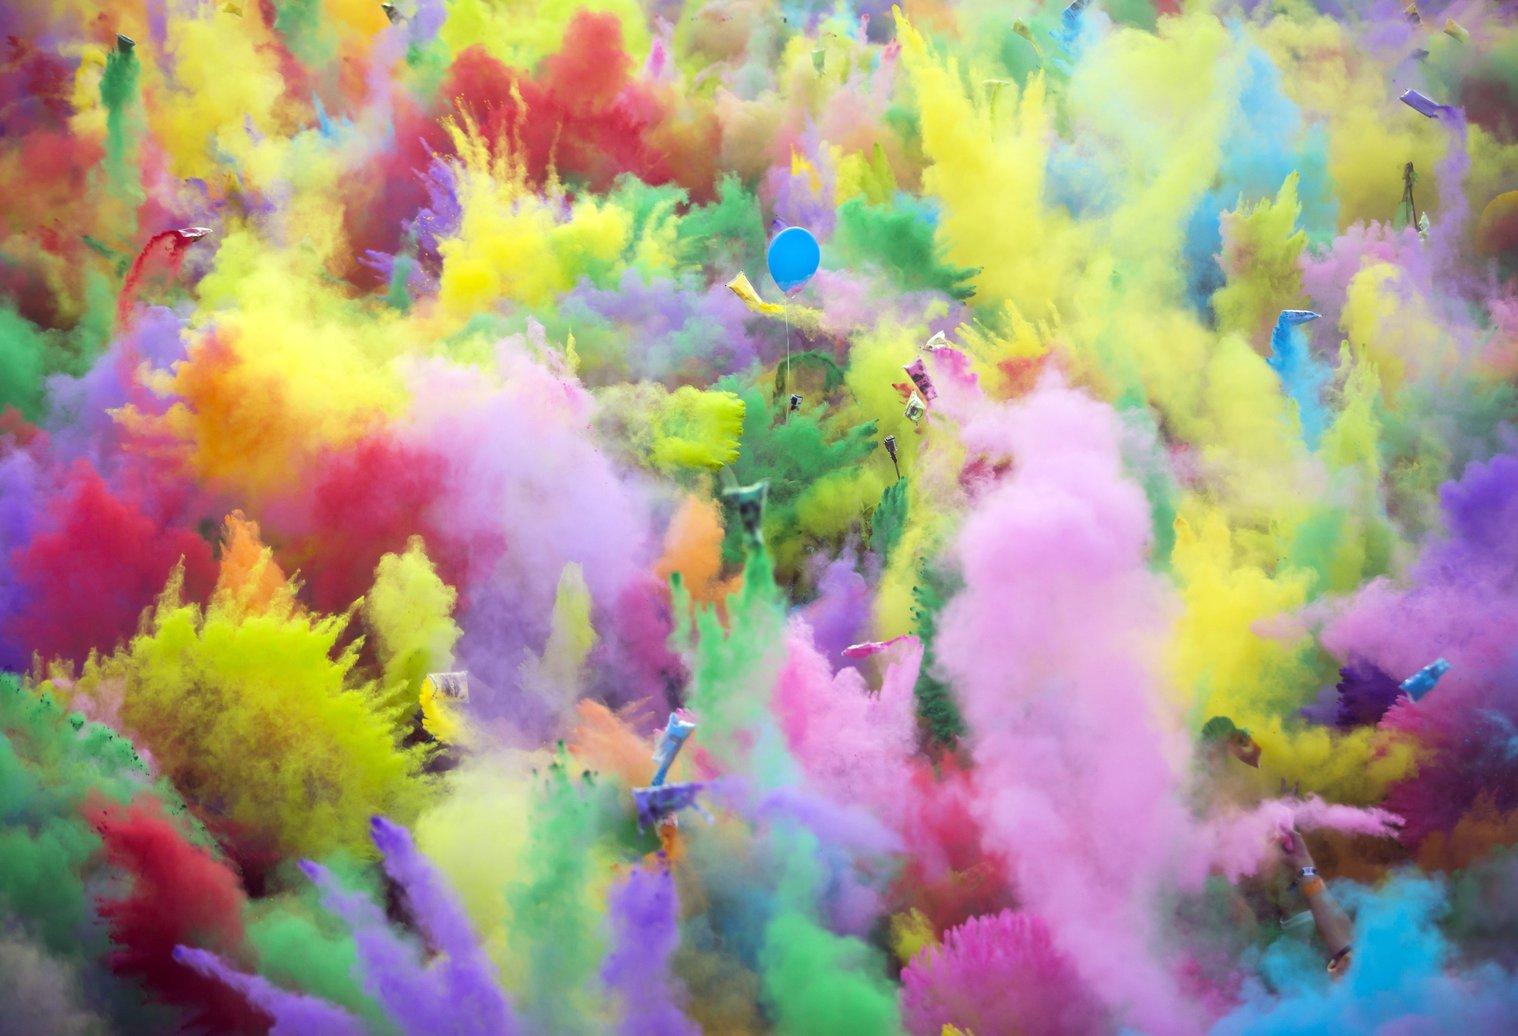 """Színes festékport szórnak egymásra a """"Color Party"""" résztvevői a nagyszínpad előtt a budapesti Hajógyári-szigeten a 24. Sziget fesztivál második napján, 2016. augusztus 13-án - képünk illusztráció (MTI Fotó: Mohai Balázs)"""